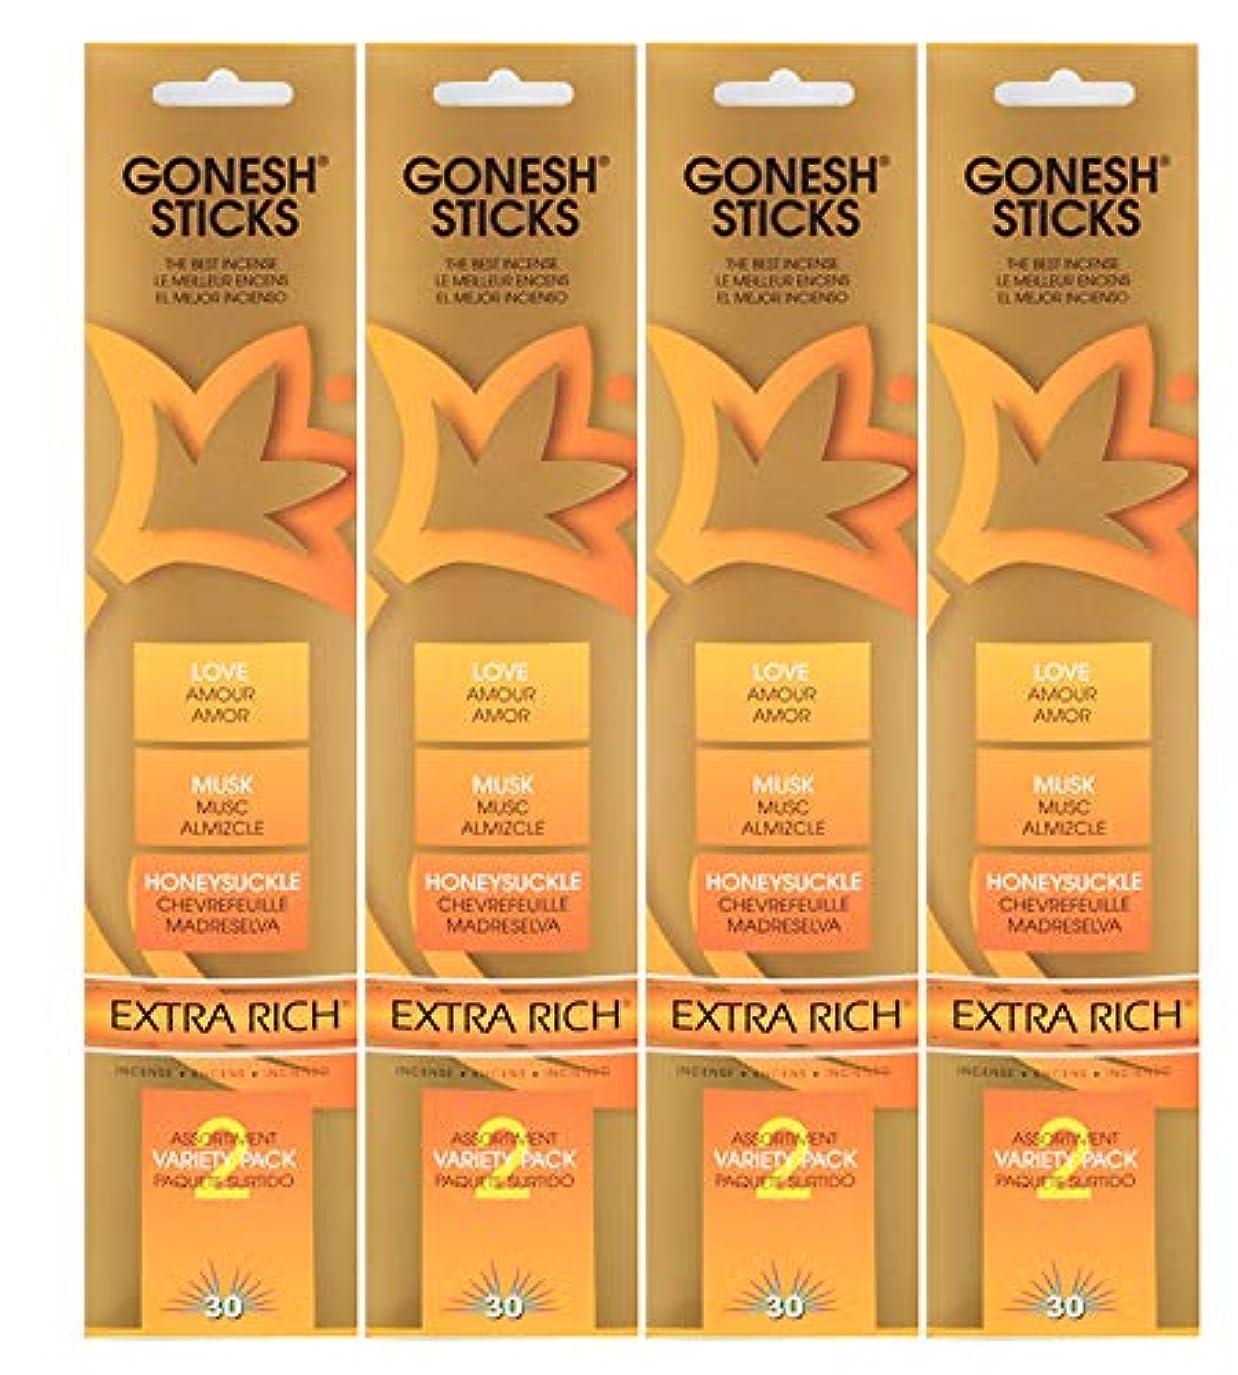 ユーモラス呼吸する死Gonesh Incense Sticks – Extra Rich Variety Pack # 2 (愛、ムスク、スイカズラ) Lot of 4